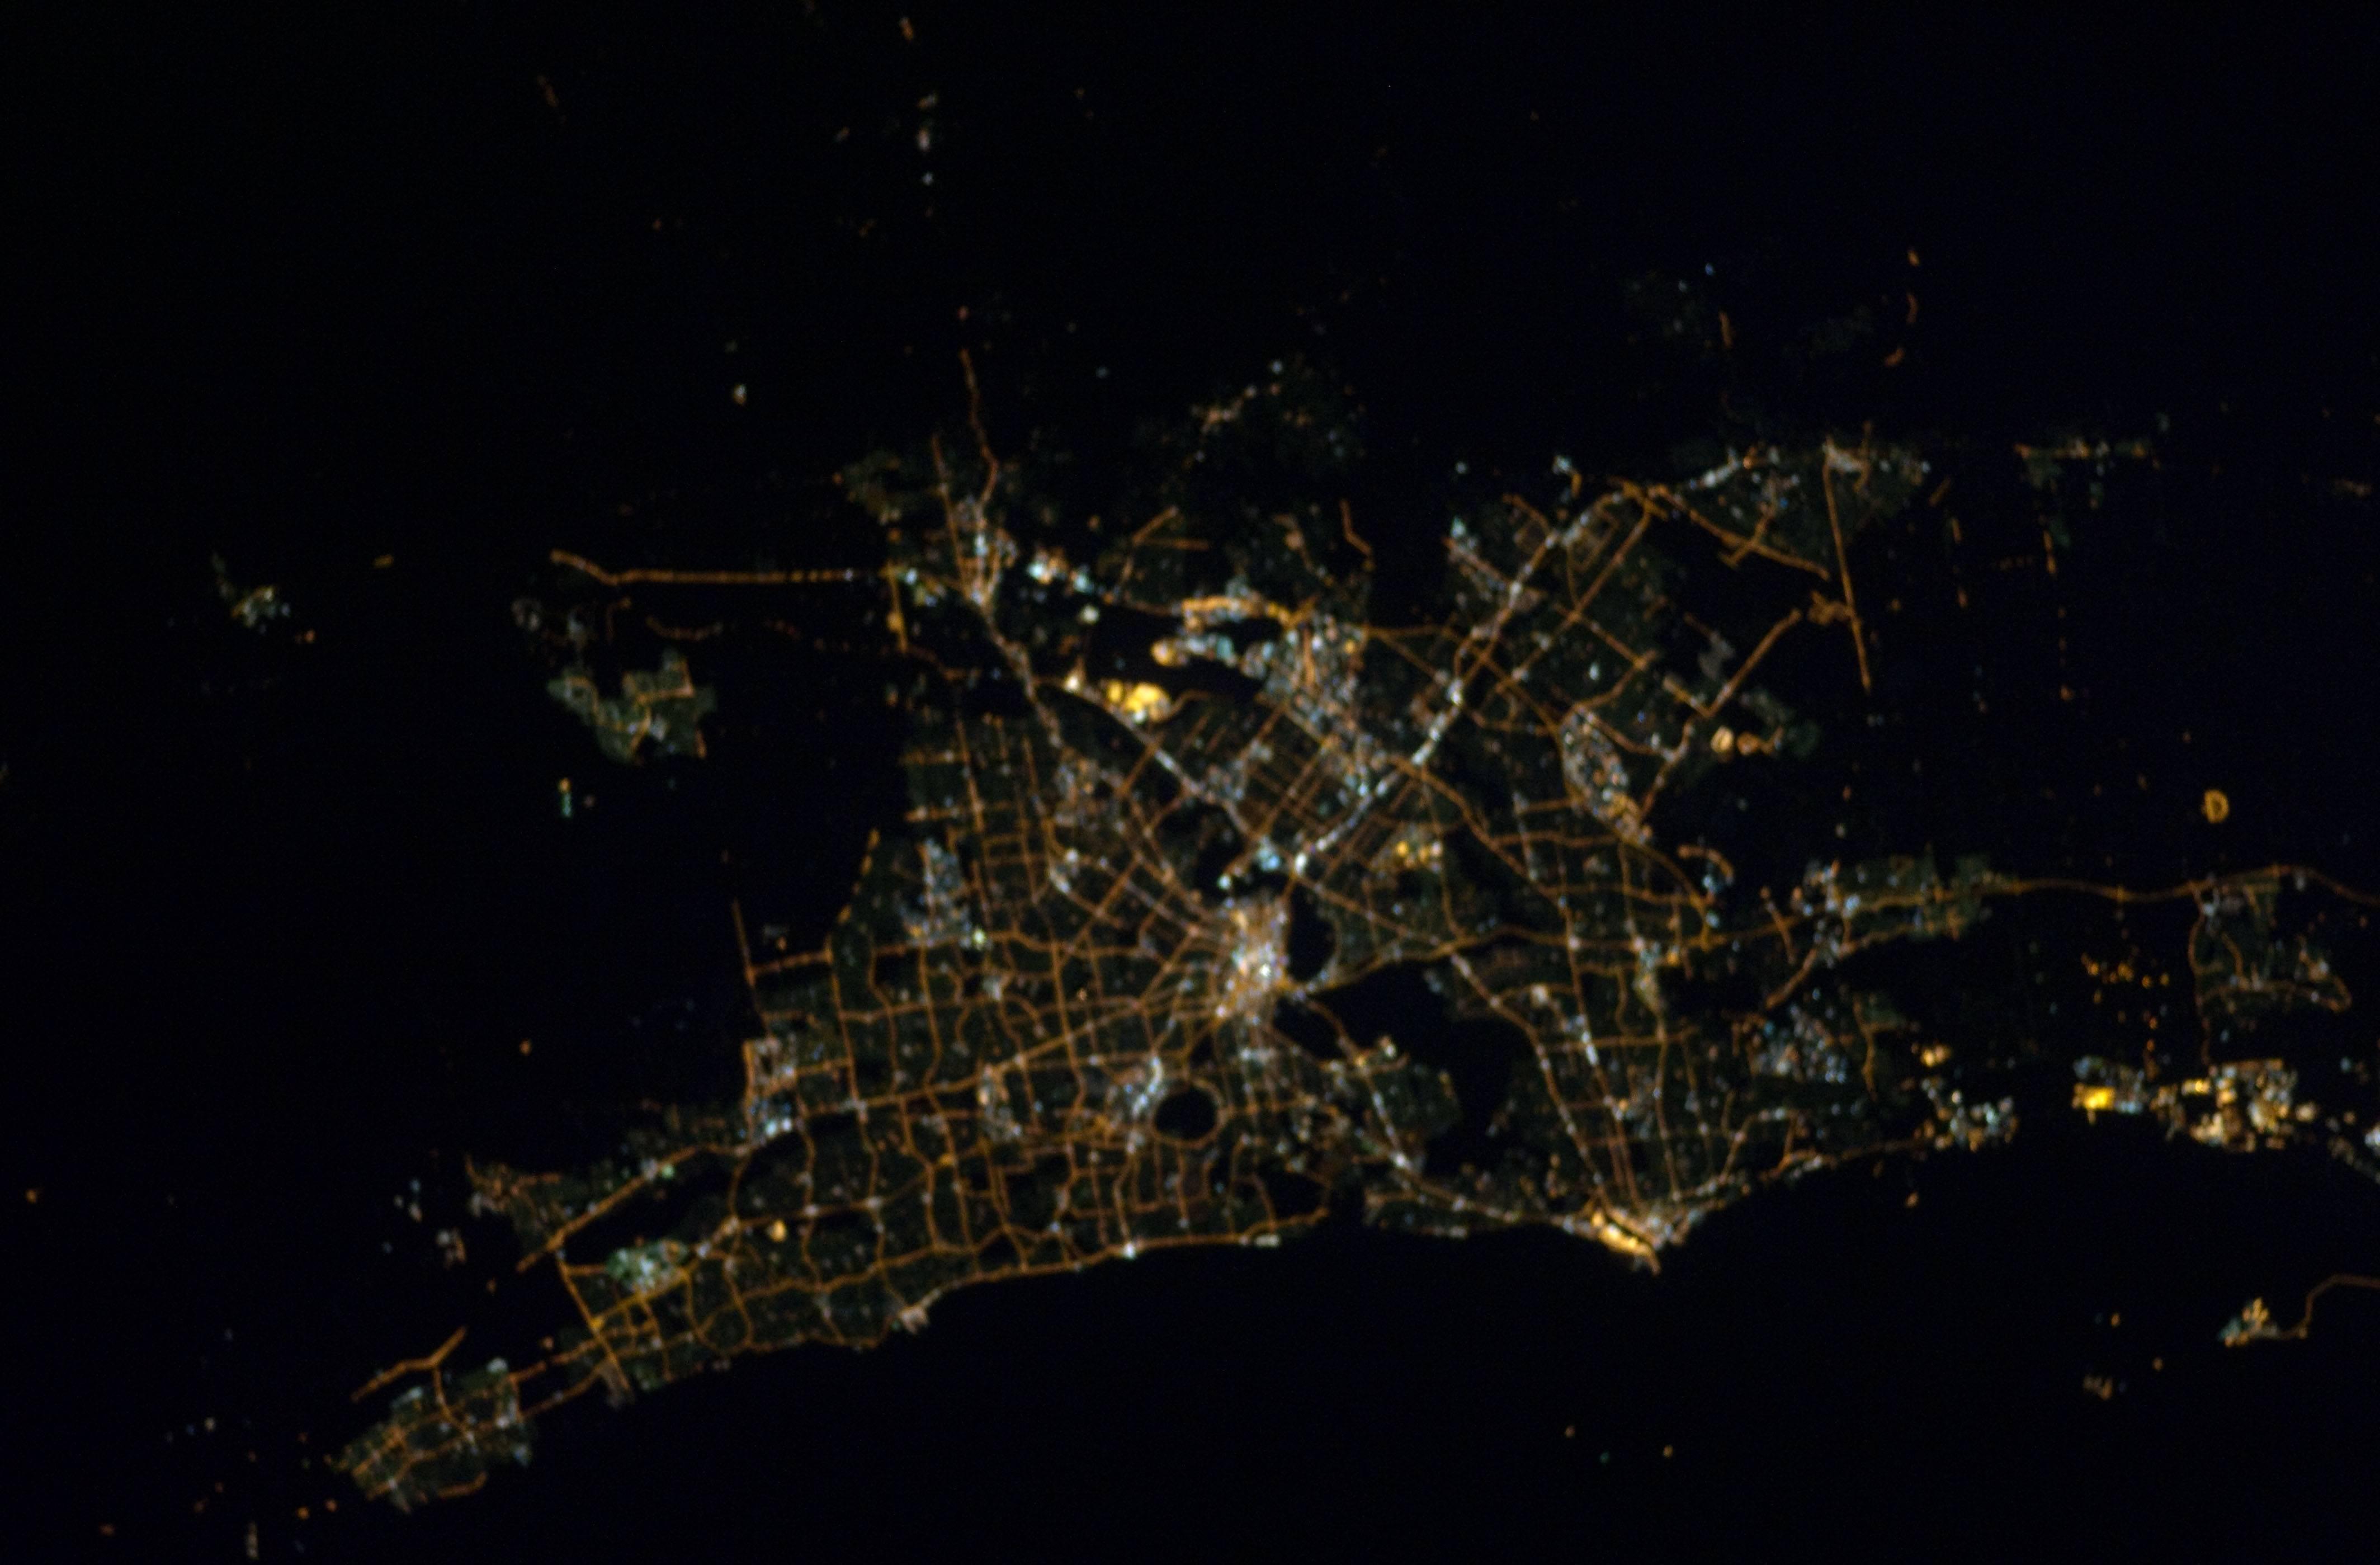 John Glenn's flight over the 'City of Lights' with Damian Shepherd